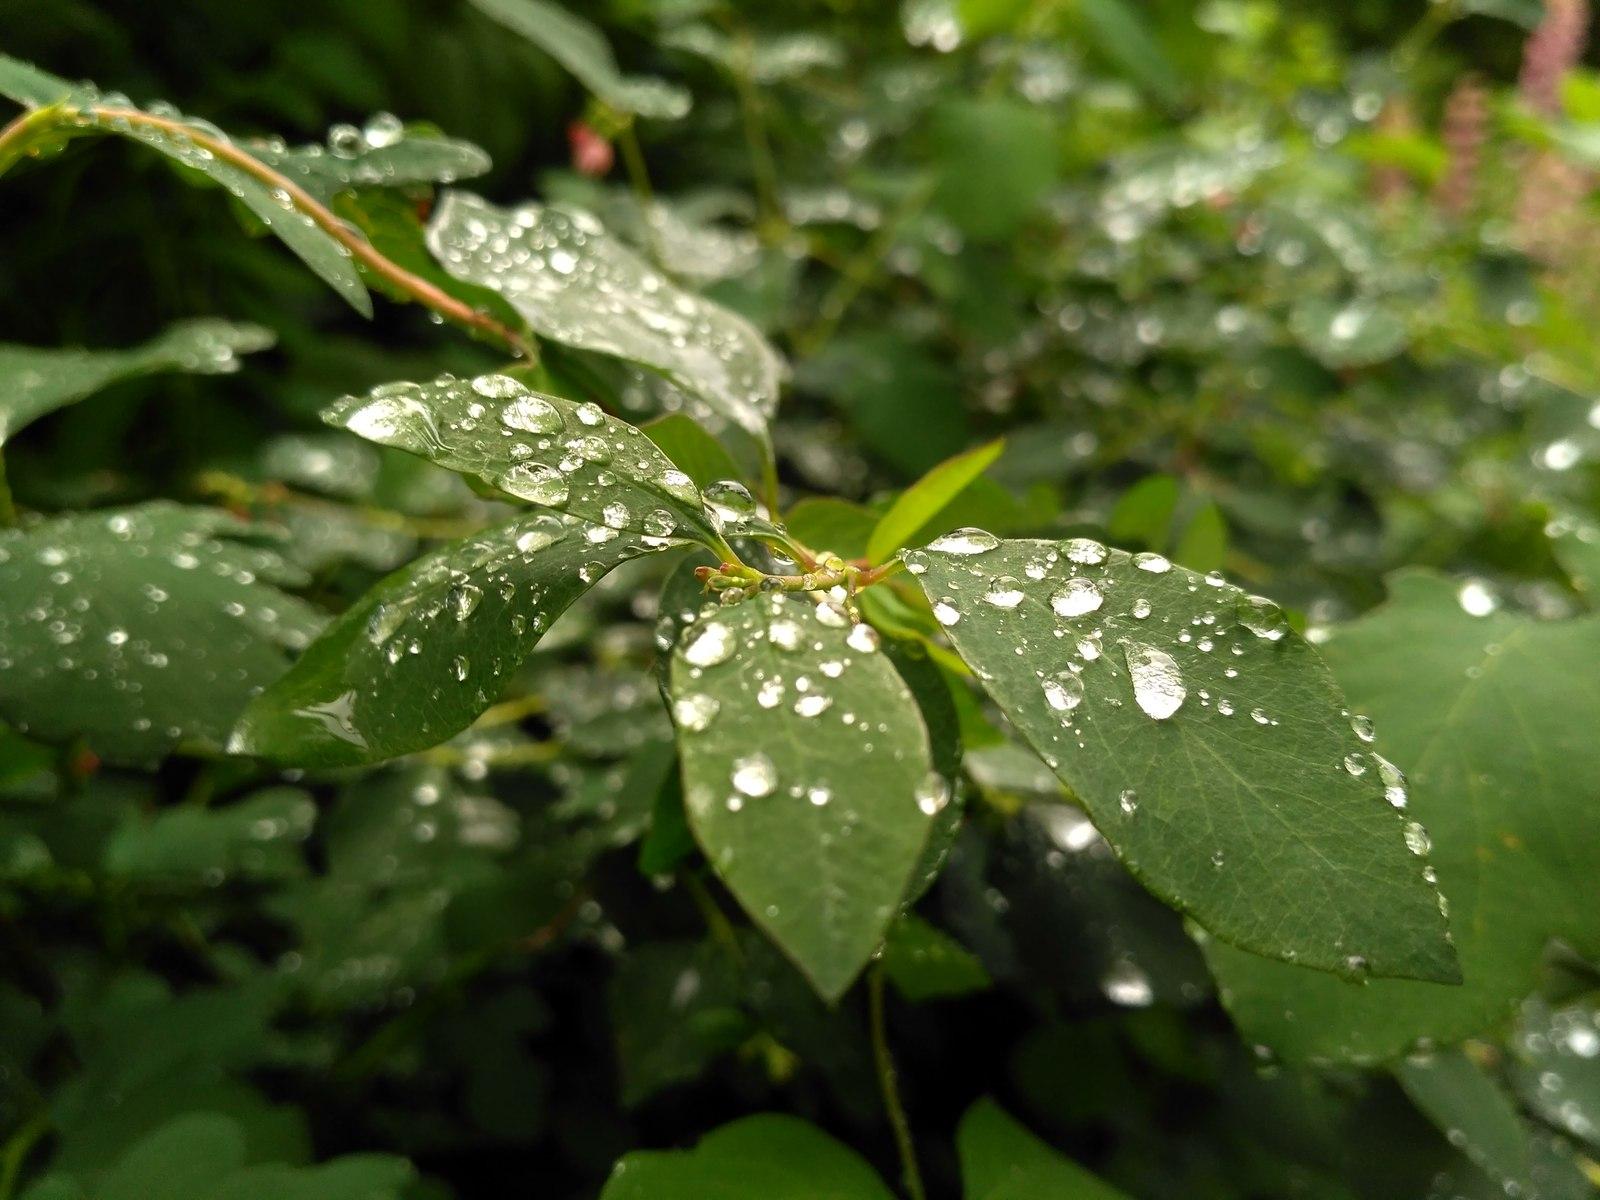 П`ятниця на Київщині буде «нестабільною»: прогноз погоди на 9 серпня - прогноз погоди, погода - 09 pogoda2